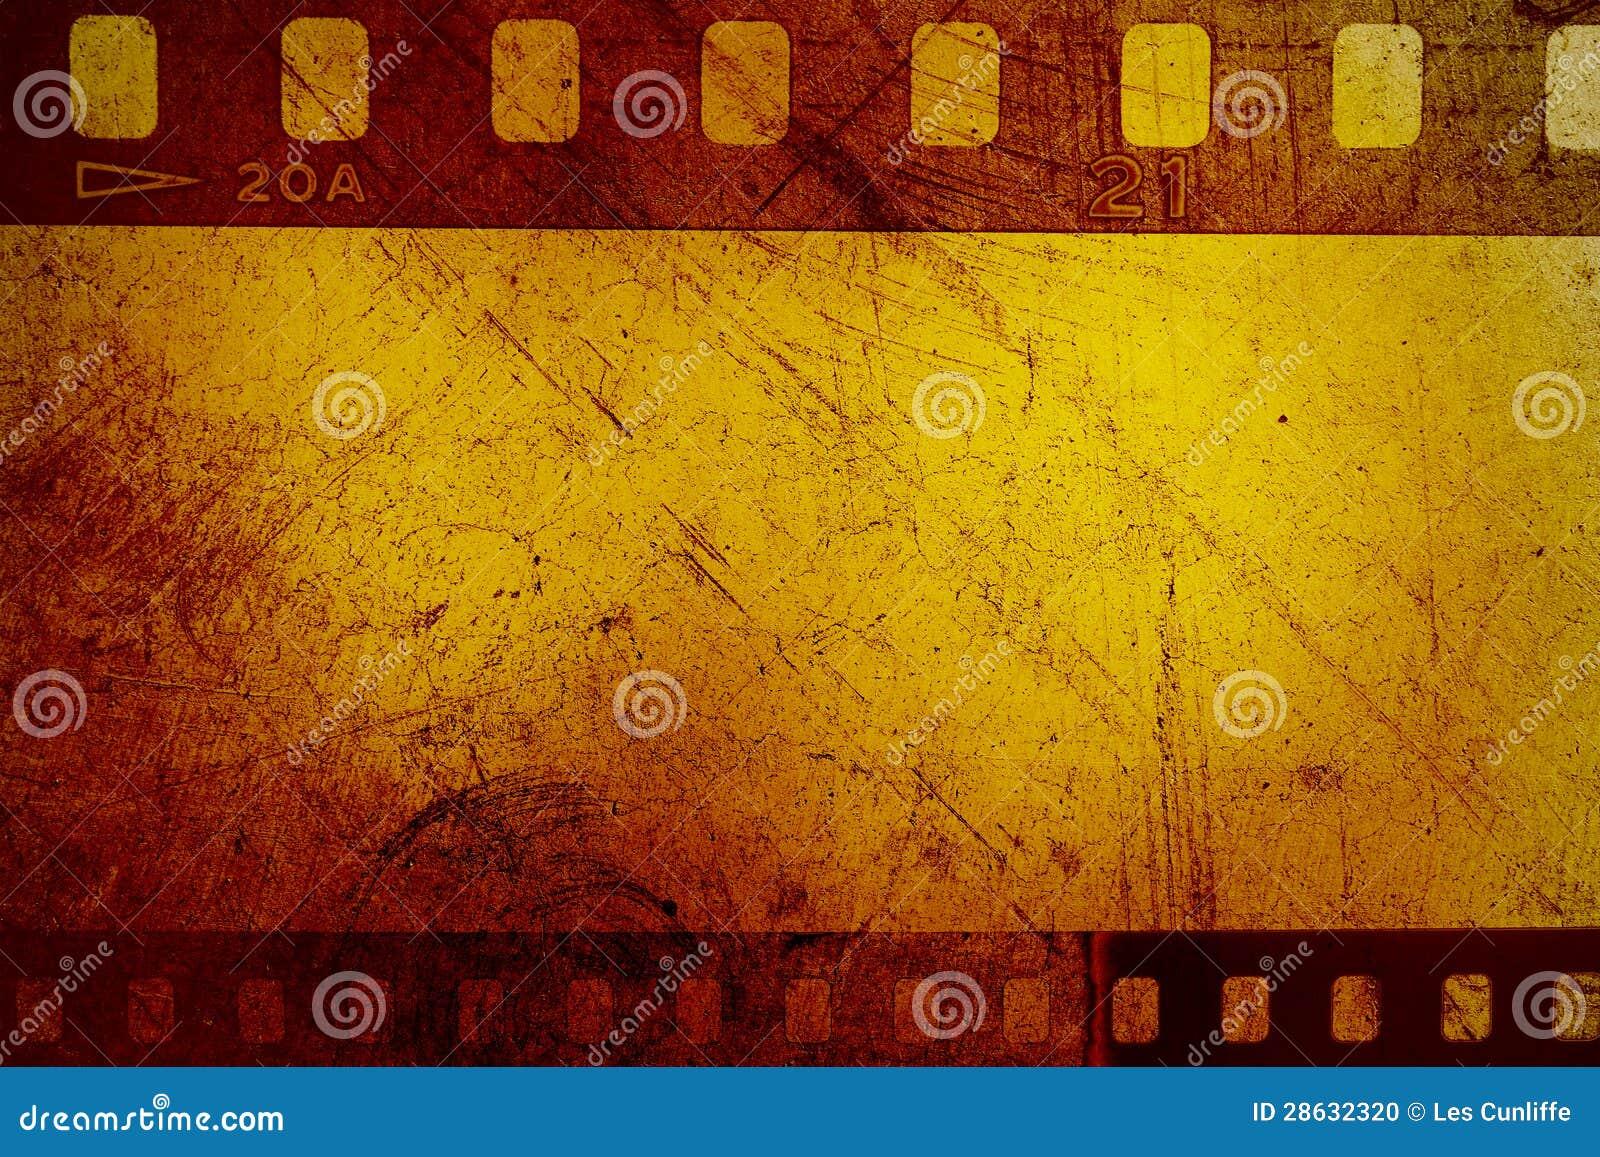 Film Negatives Stock Photo - Image: 28632320